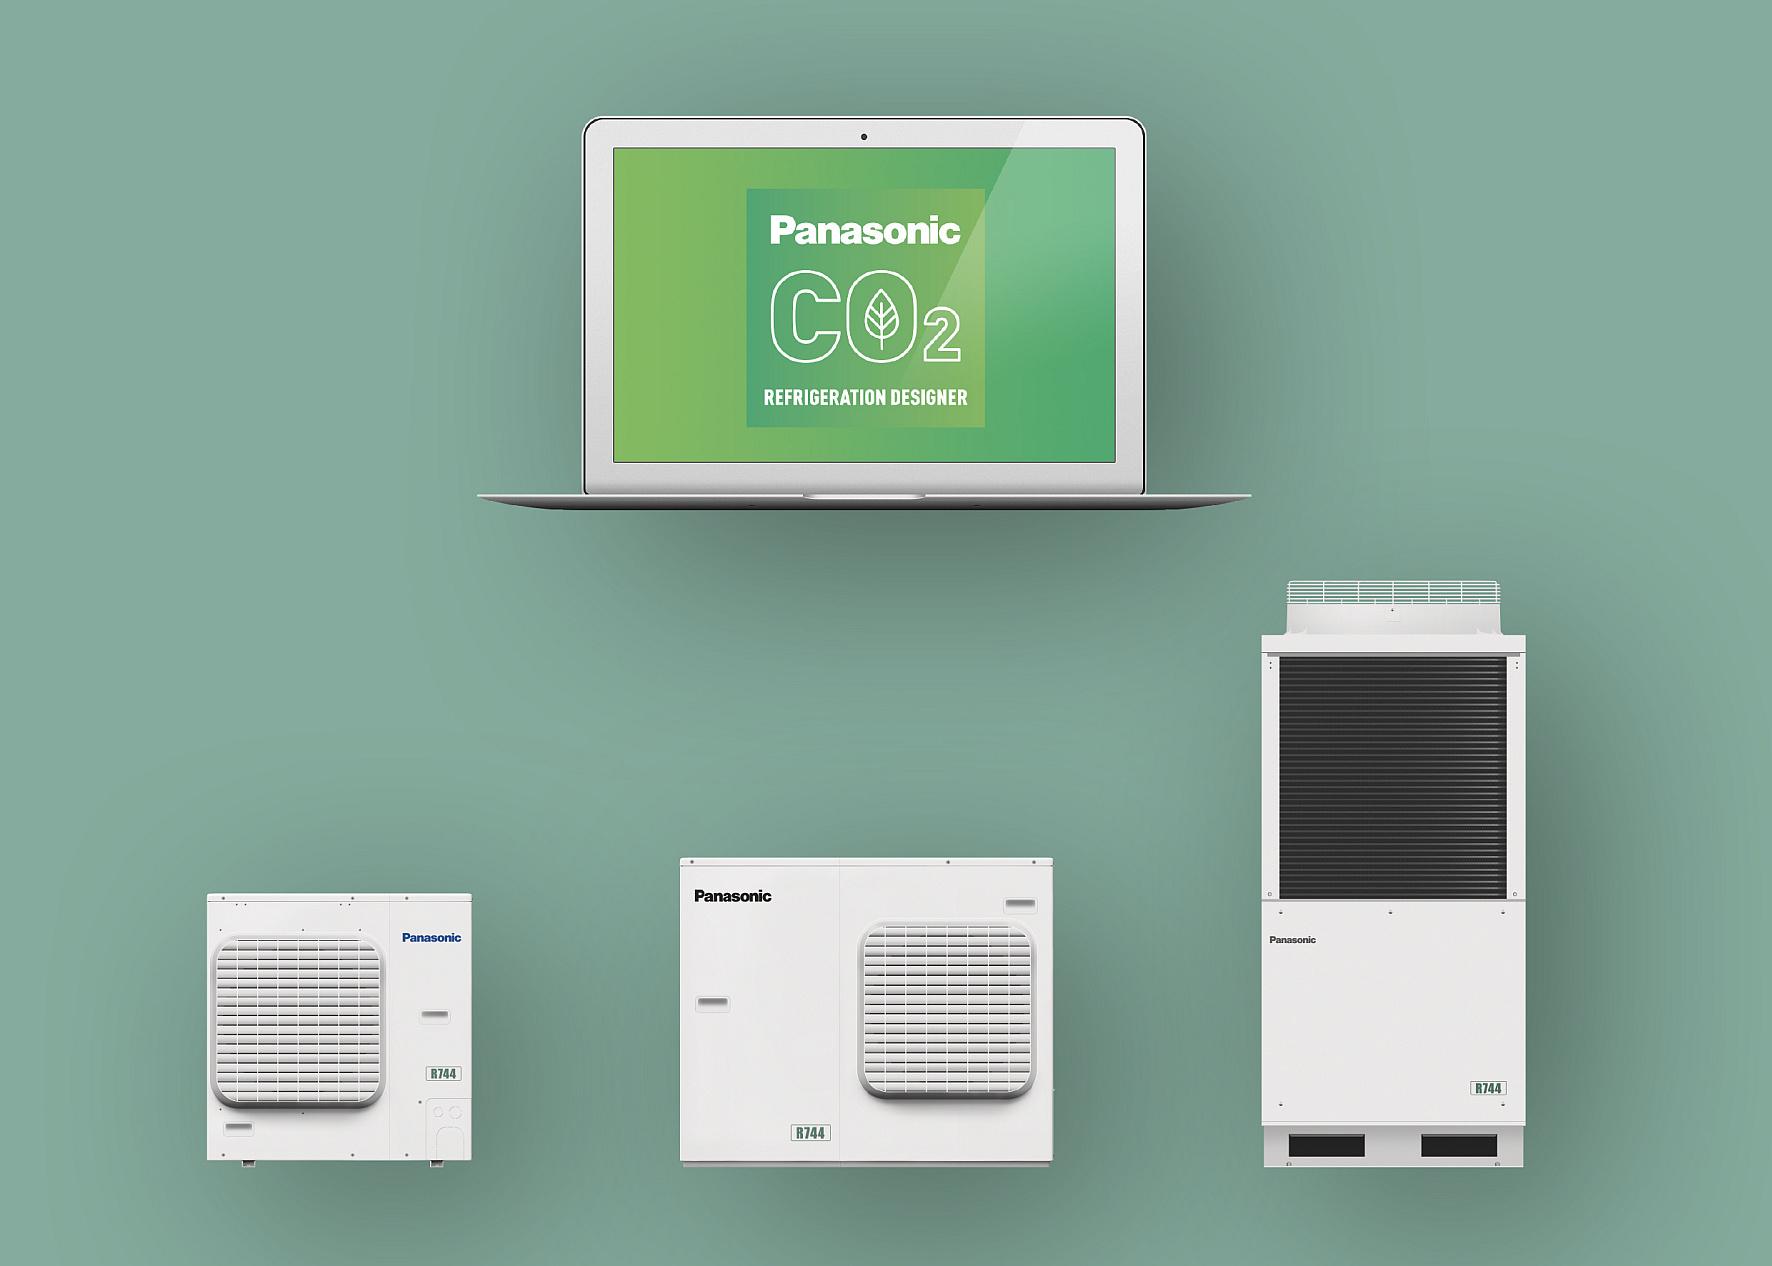 Panasonic Berechnungsprogramm für CO2-Verflüssigungssätze